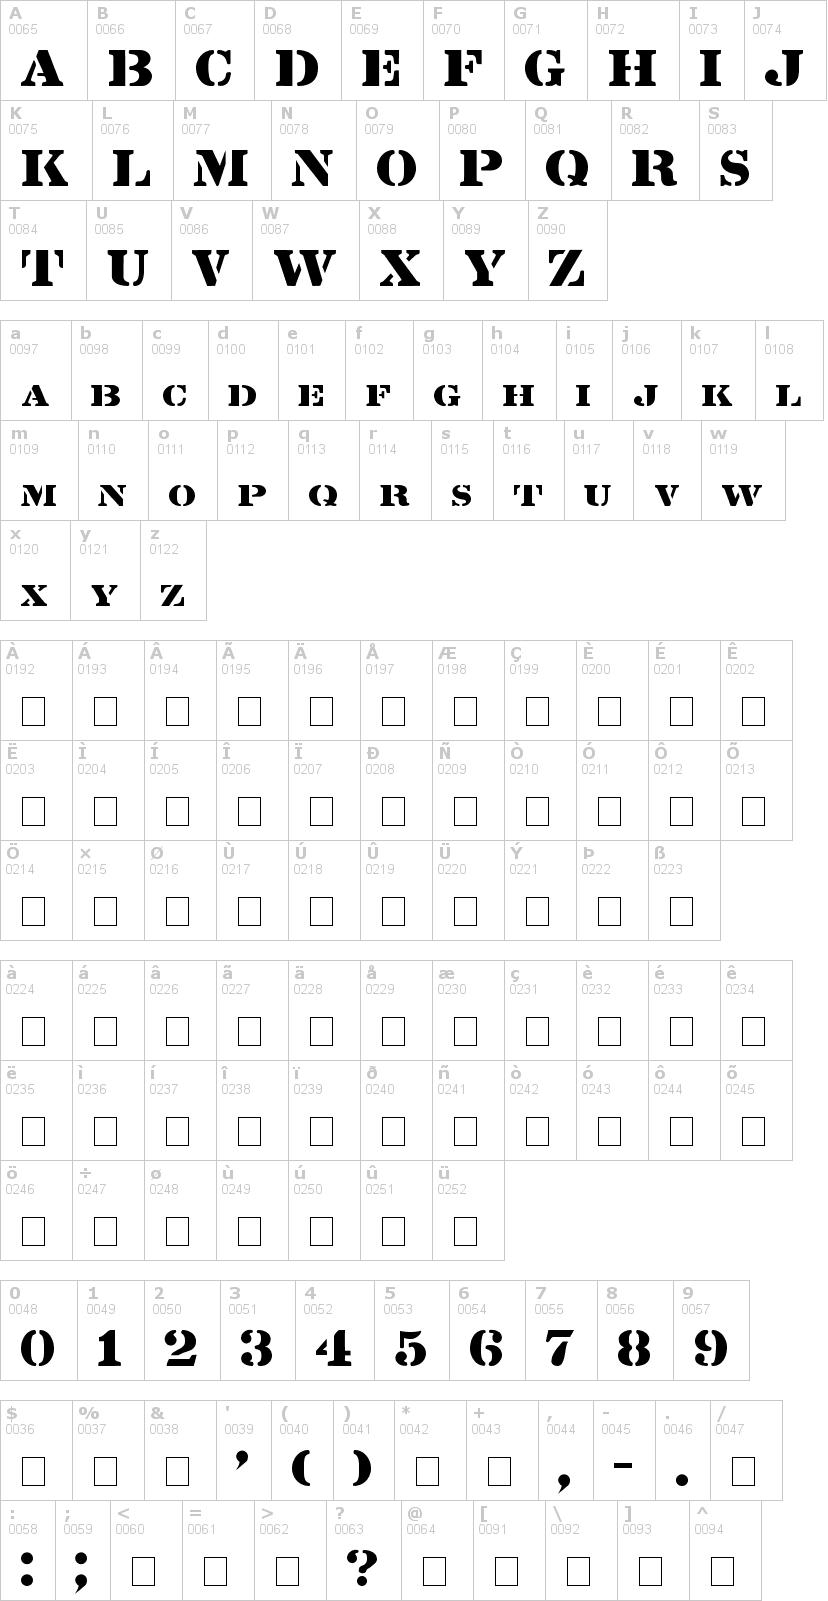 Lettere dell'alfabeto del font lintsec con le quali è possibile realizzare adesivi prespaziati